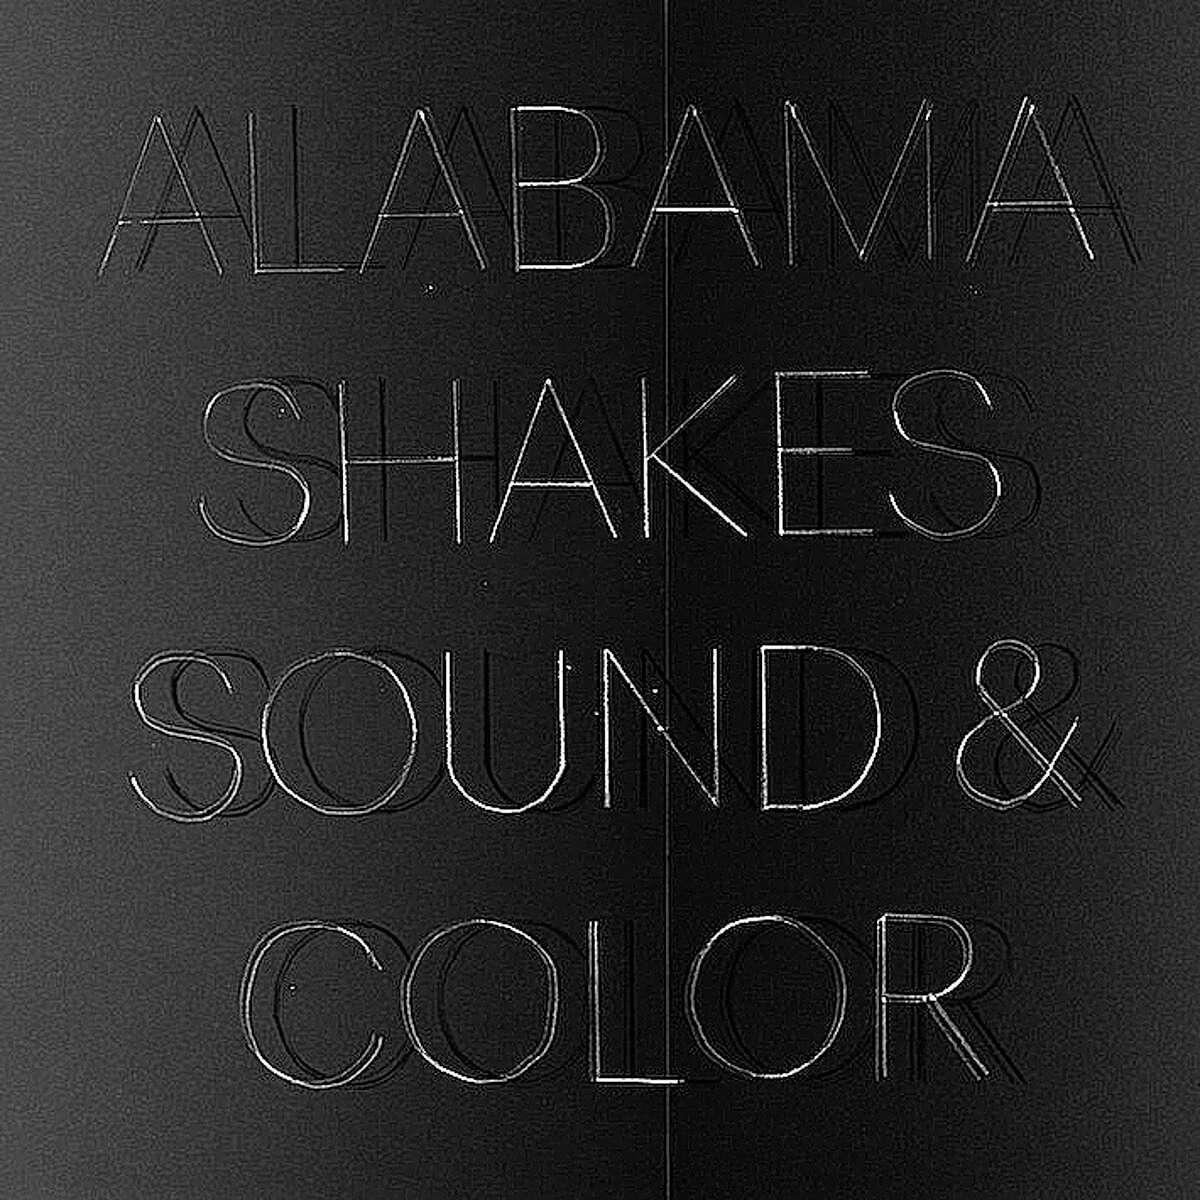 Alabama Shakes Sound Color